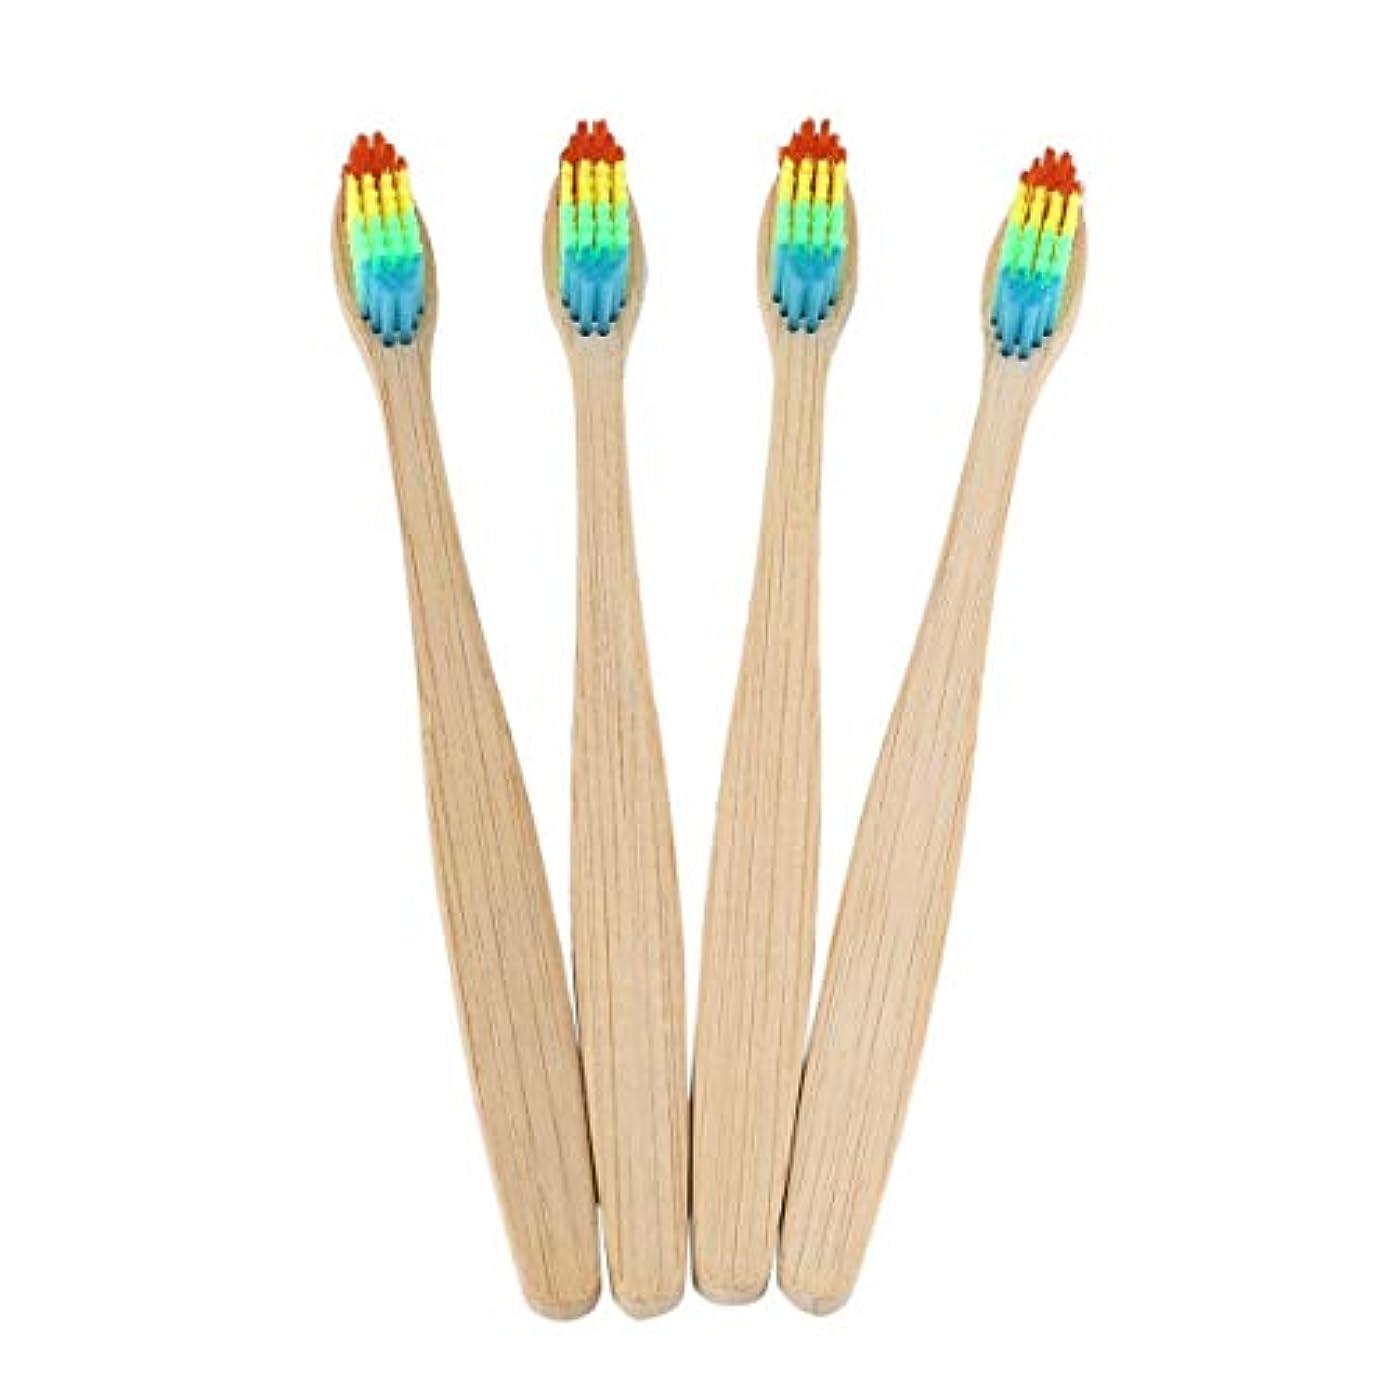 知性歩くブルジョンカラフルな髪+竹のハンドル歯ブラシ環境木製の虹竹の歯ブラシオーラルケアソフト剛毛ユニセックス - ウッドカラー+カラフル